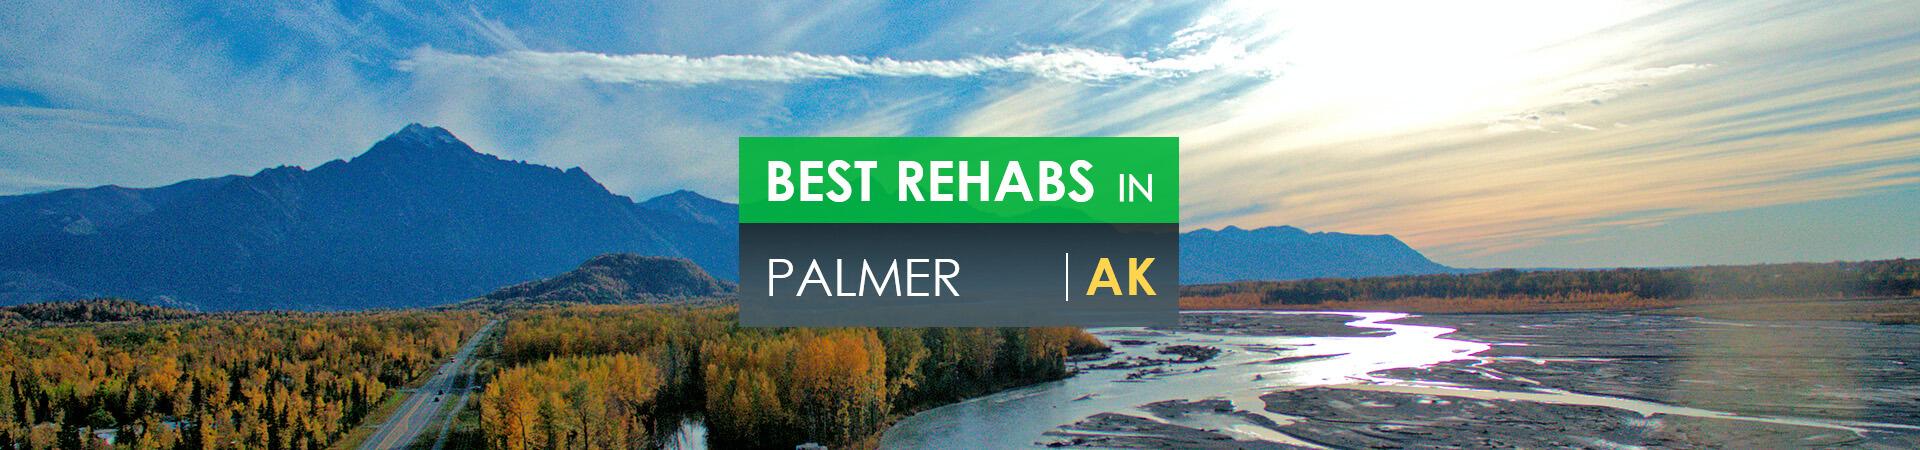 Best rehabs in Palmer, AK